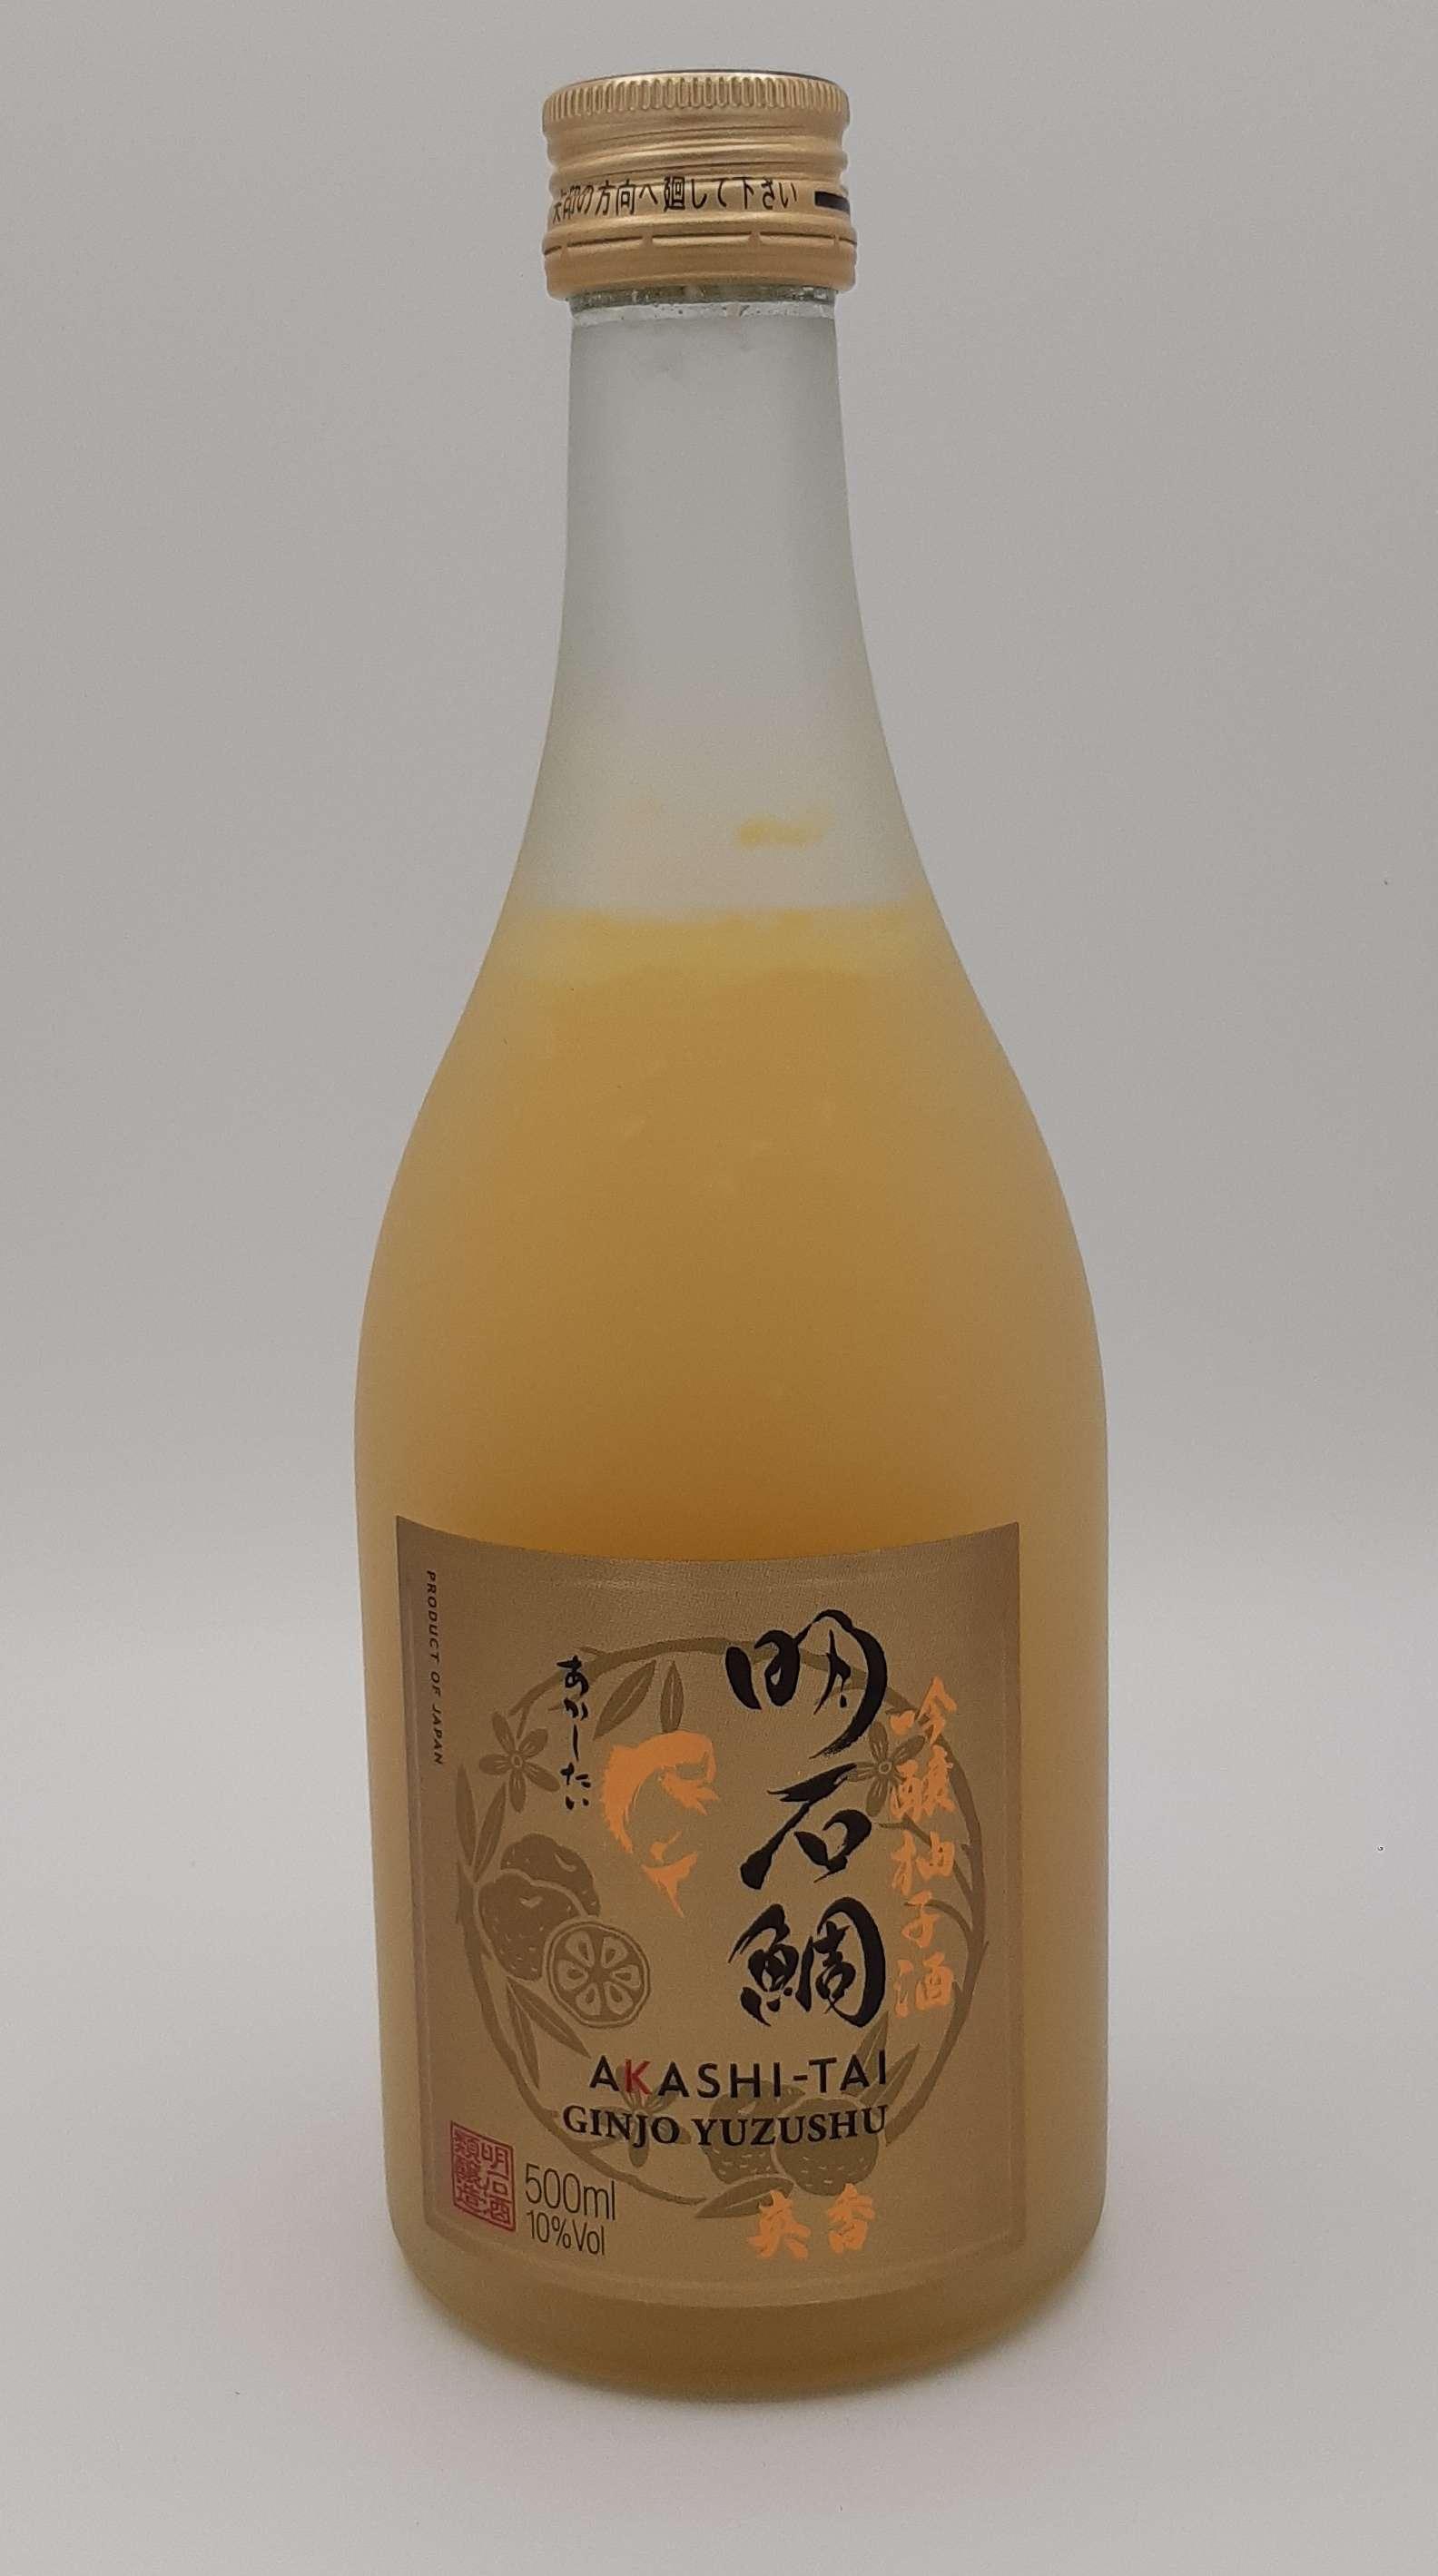 Akashi Tai Ginjo Citrus Sake